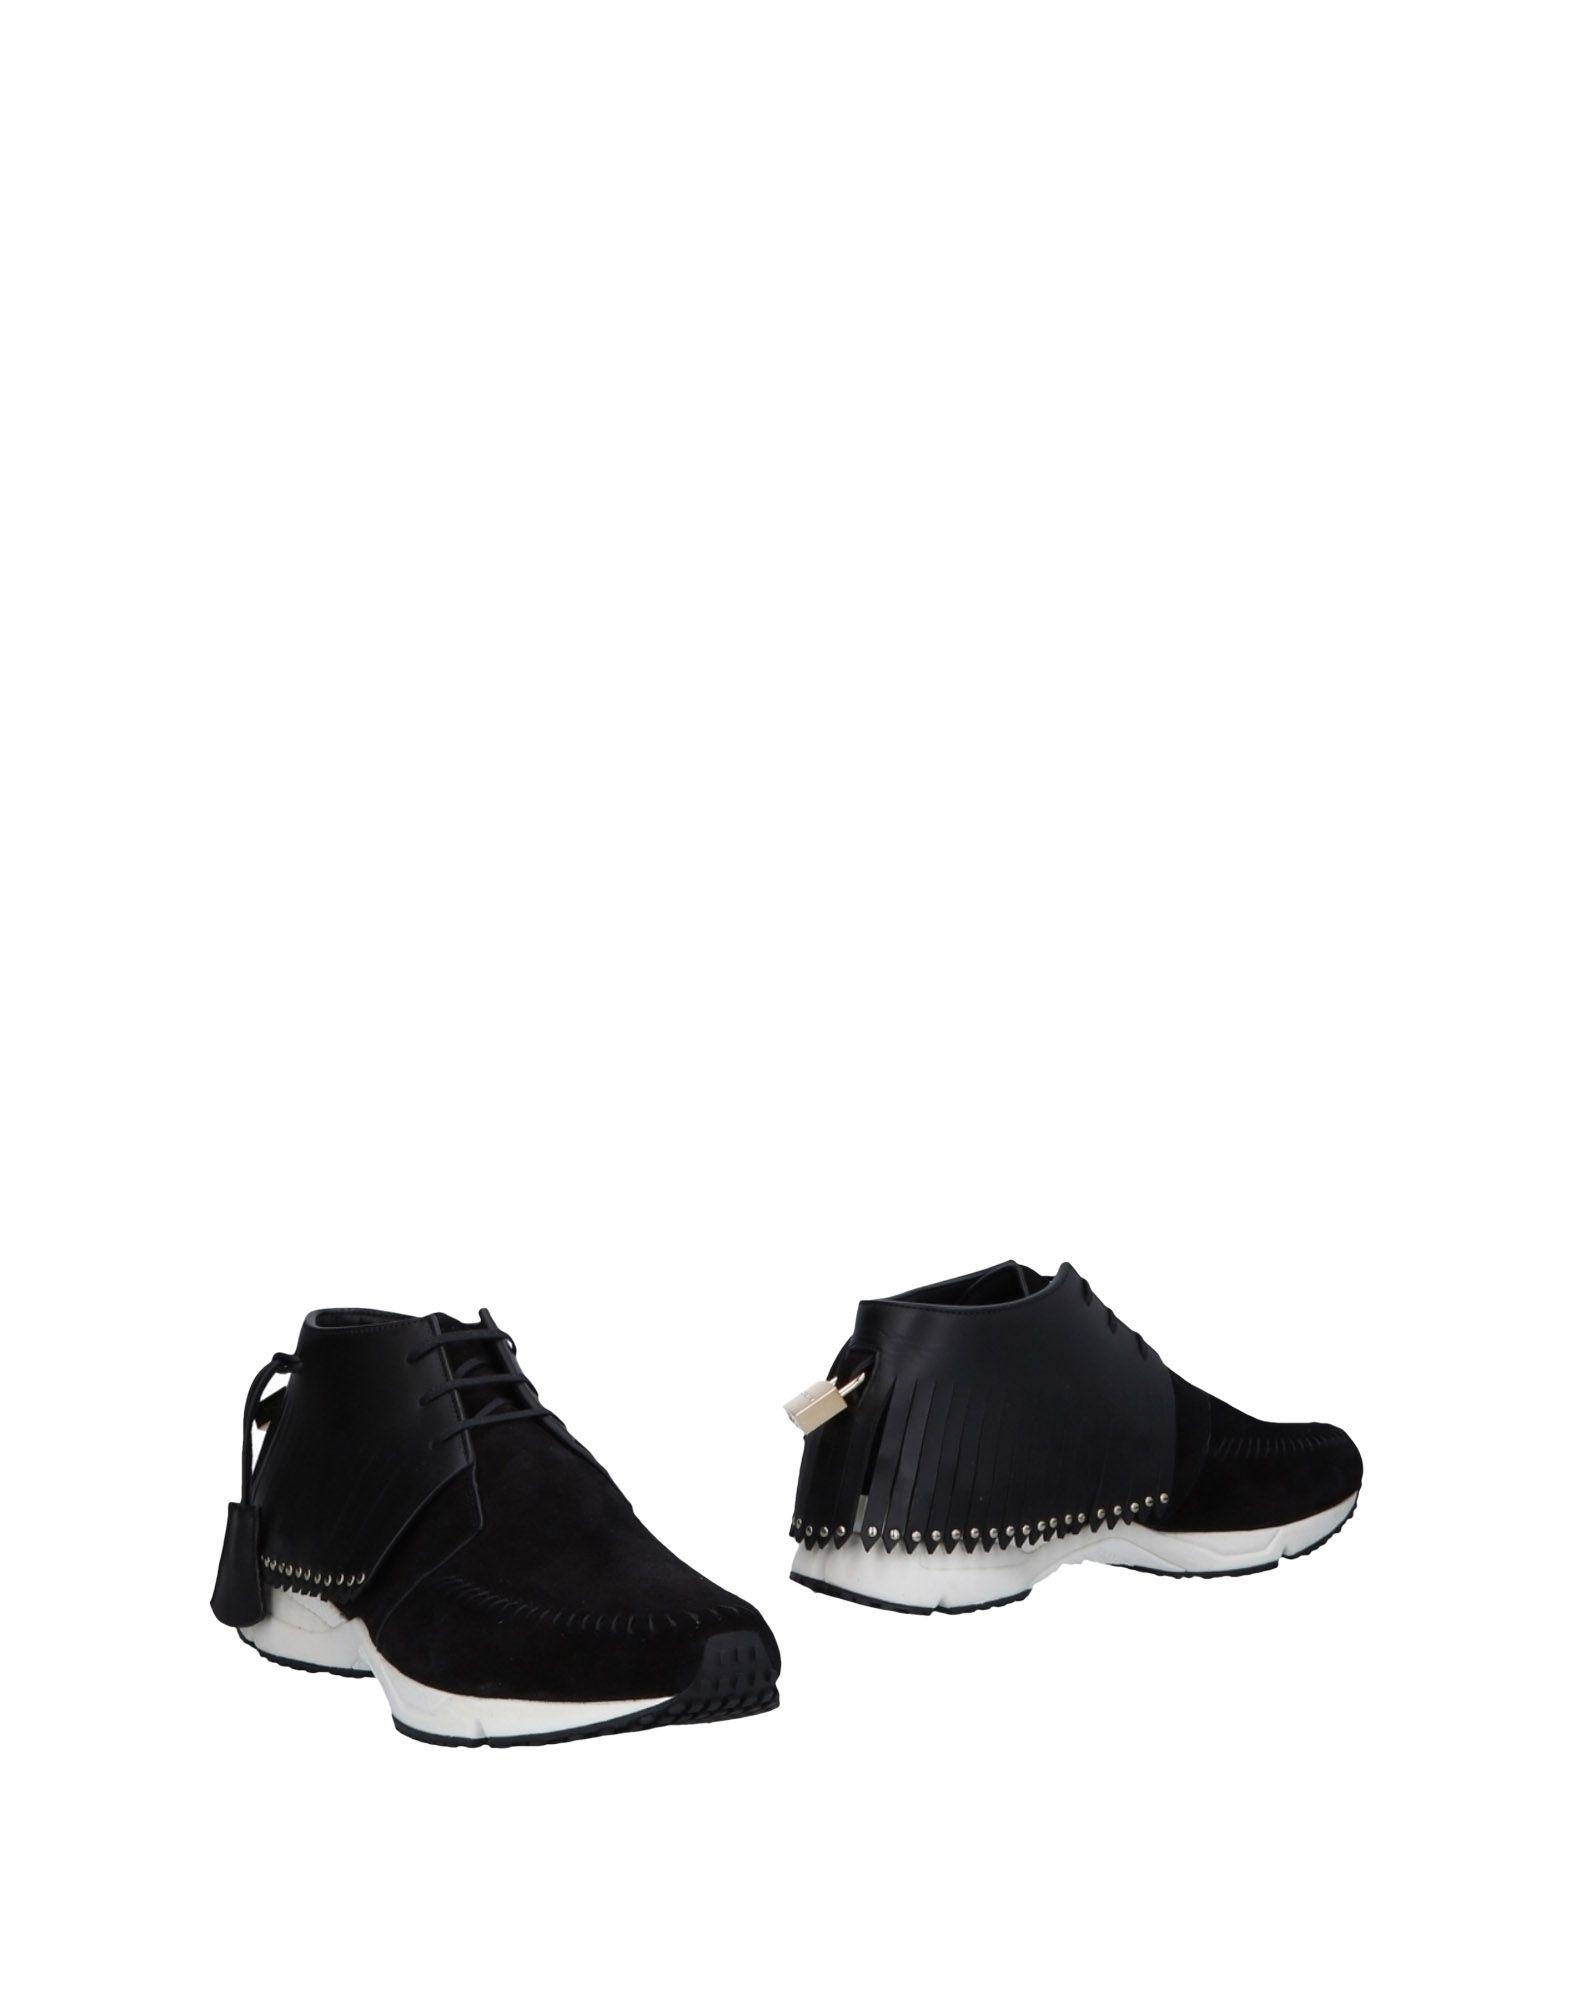 《送料無料》BUSCEMI メンズ ショートブーツ ブラック 40 革